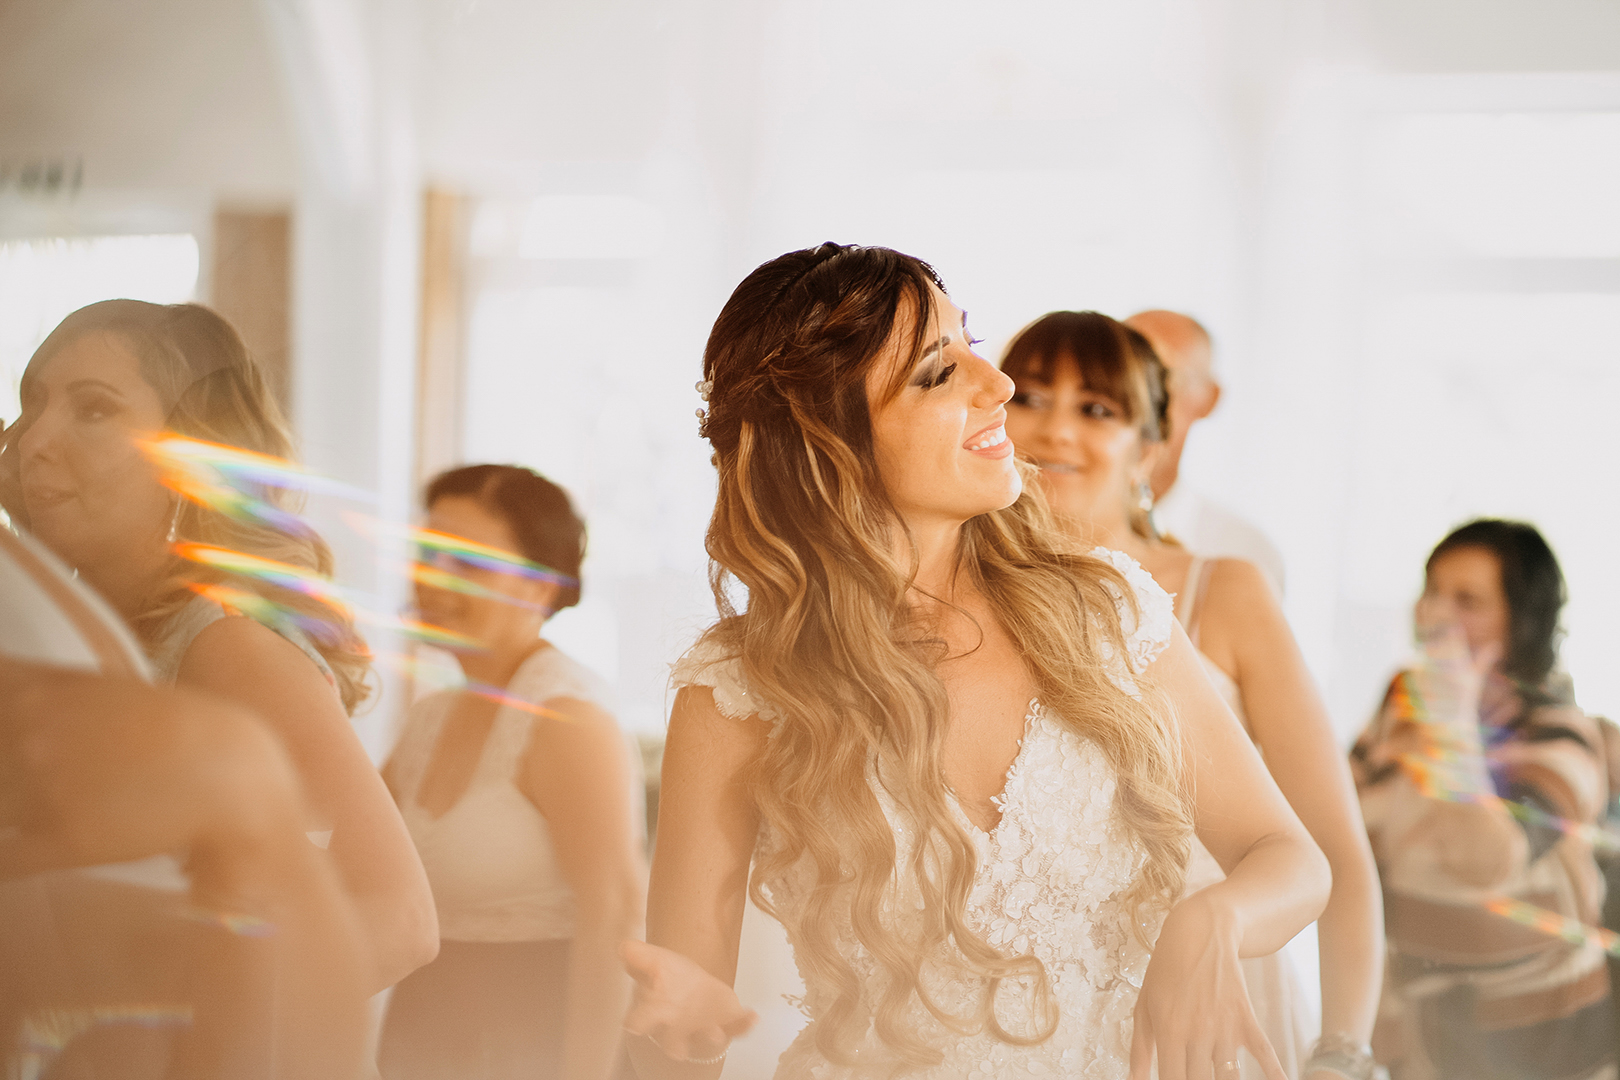 23 gianni-lepore-sposa-balli